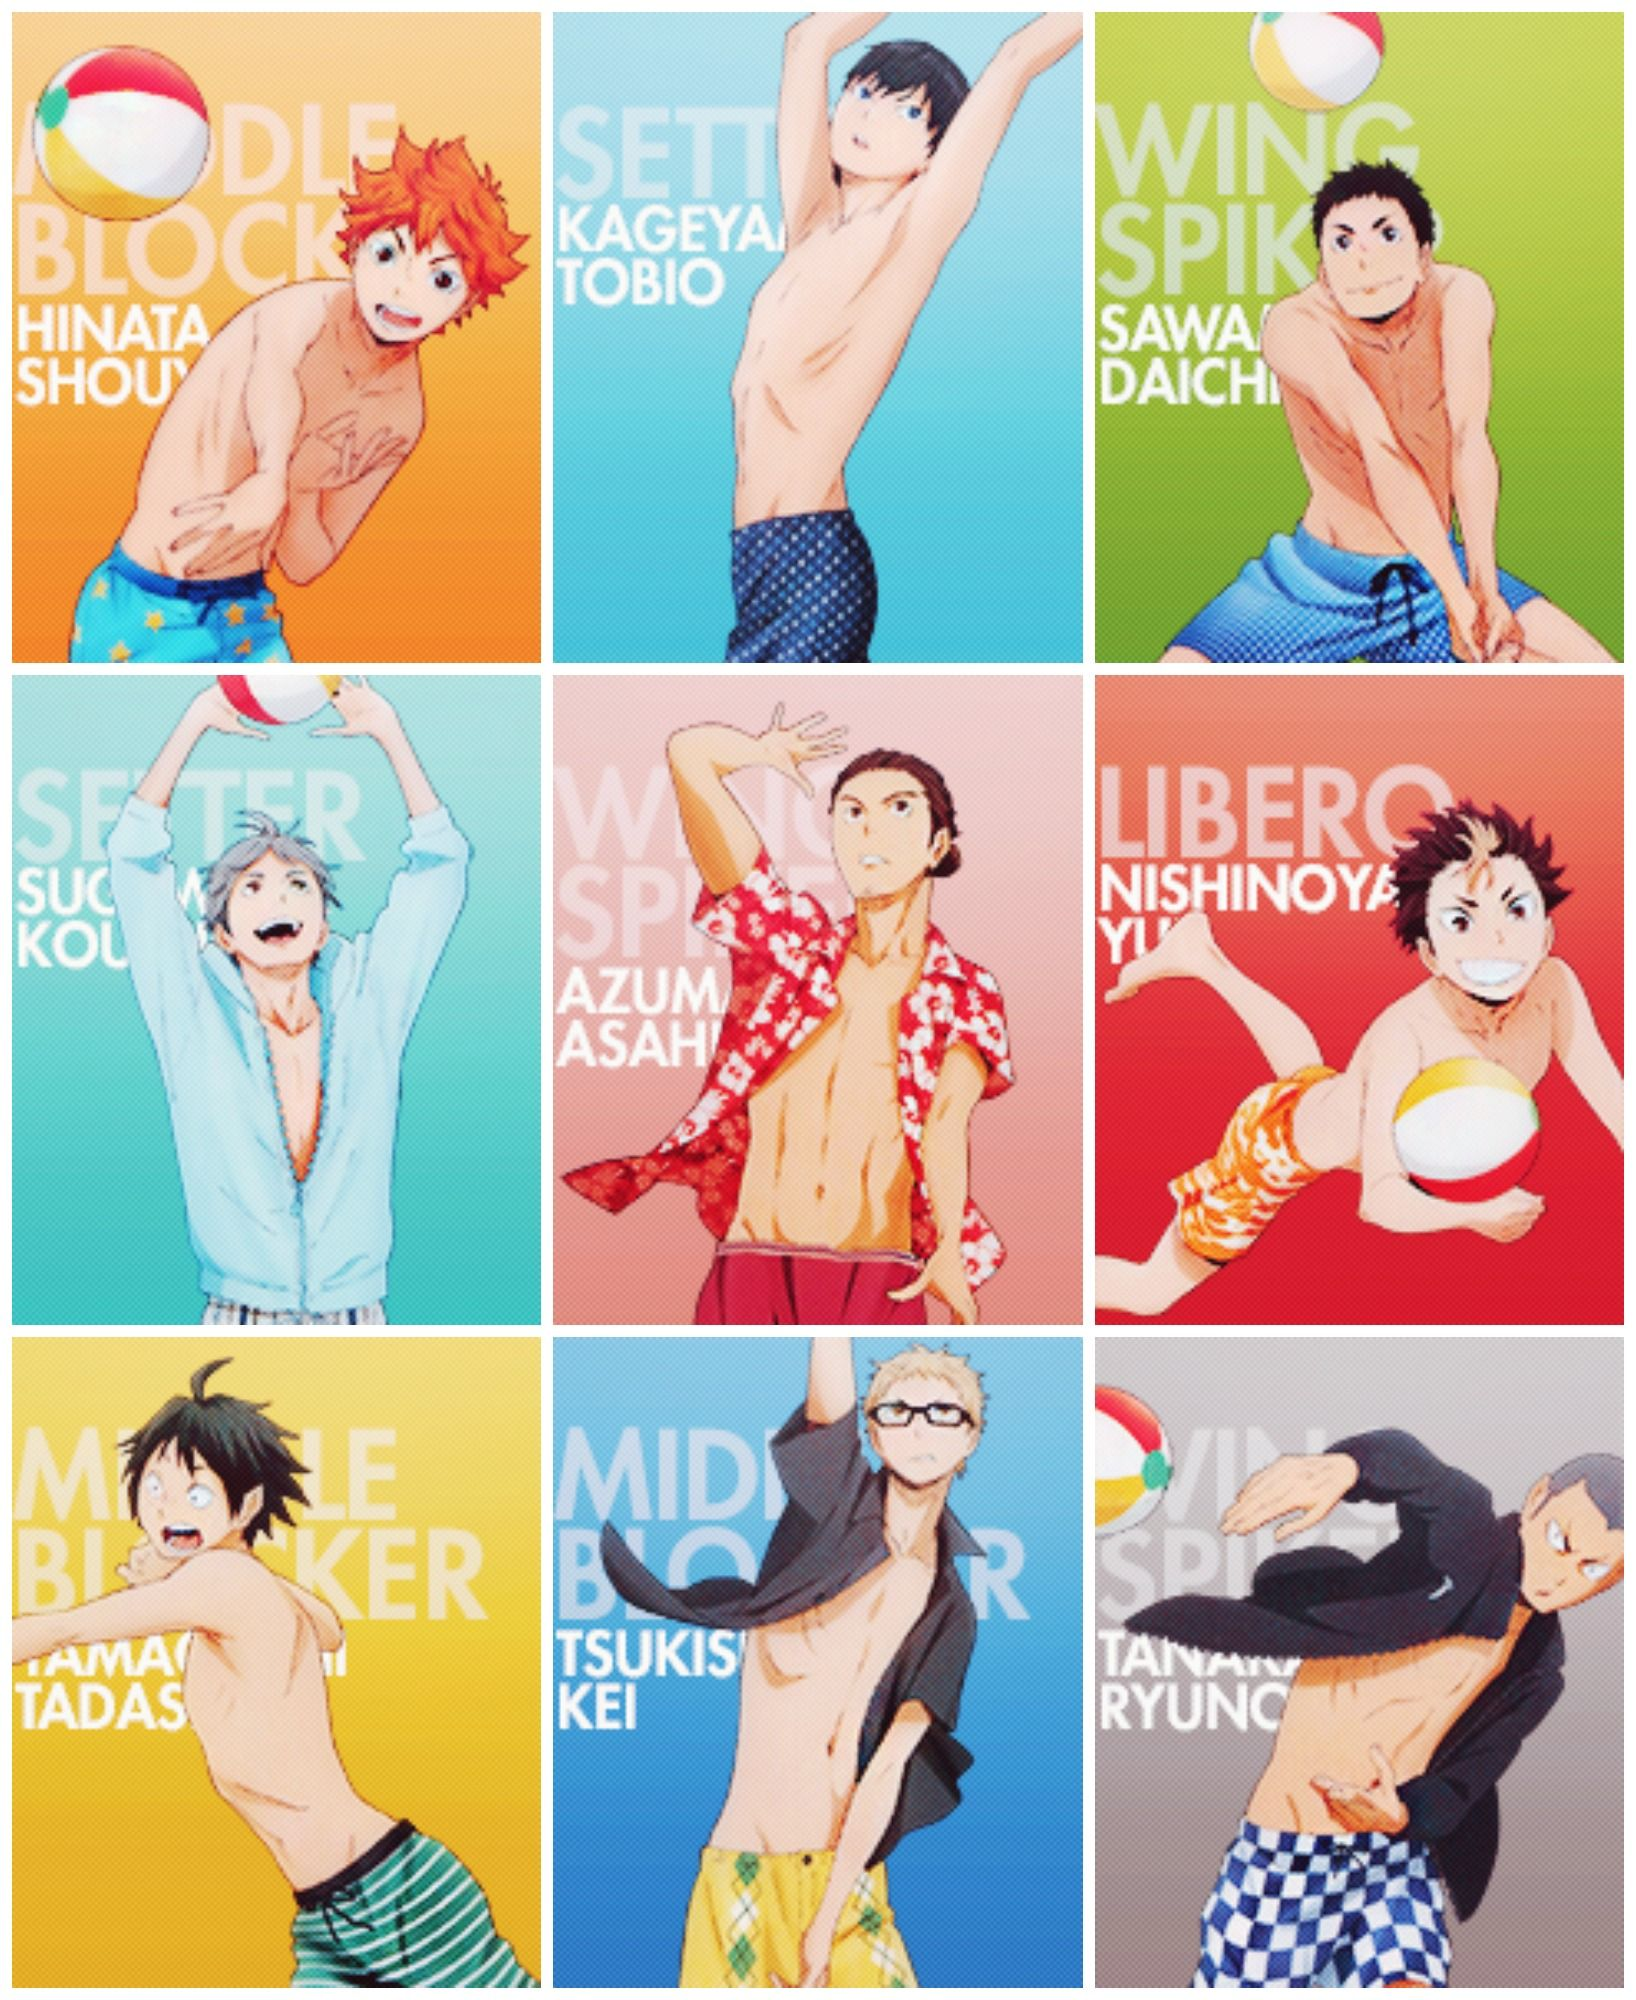 Haikyuu Beach Volleyball With The Karasuno Boys Haikyuu Anime Haikyuu Karasuno Haikyuu Manga